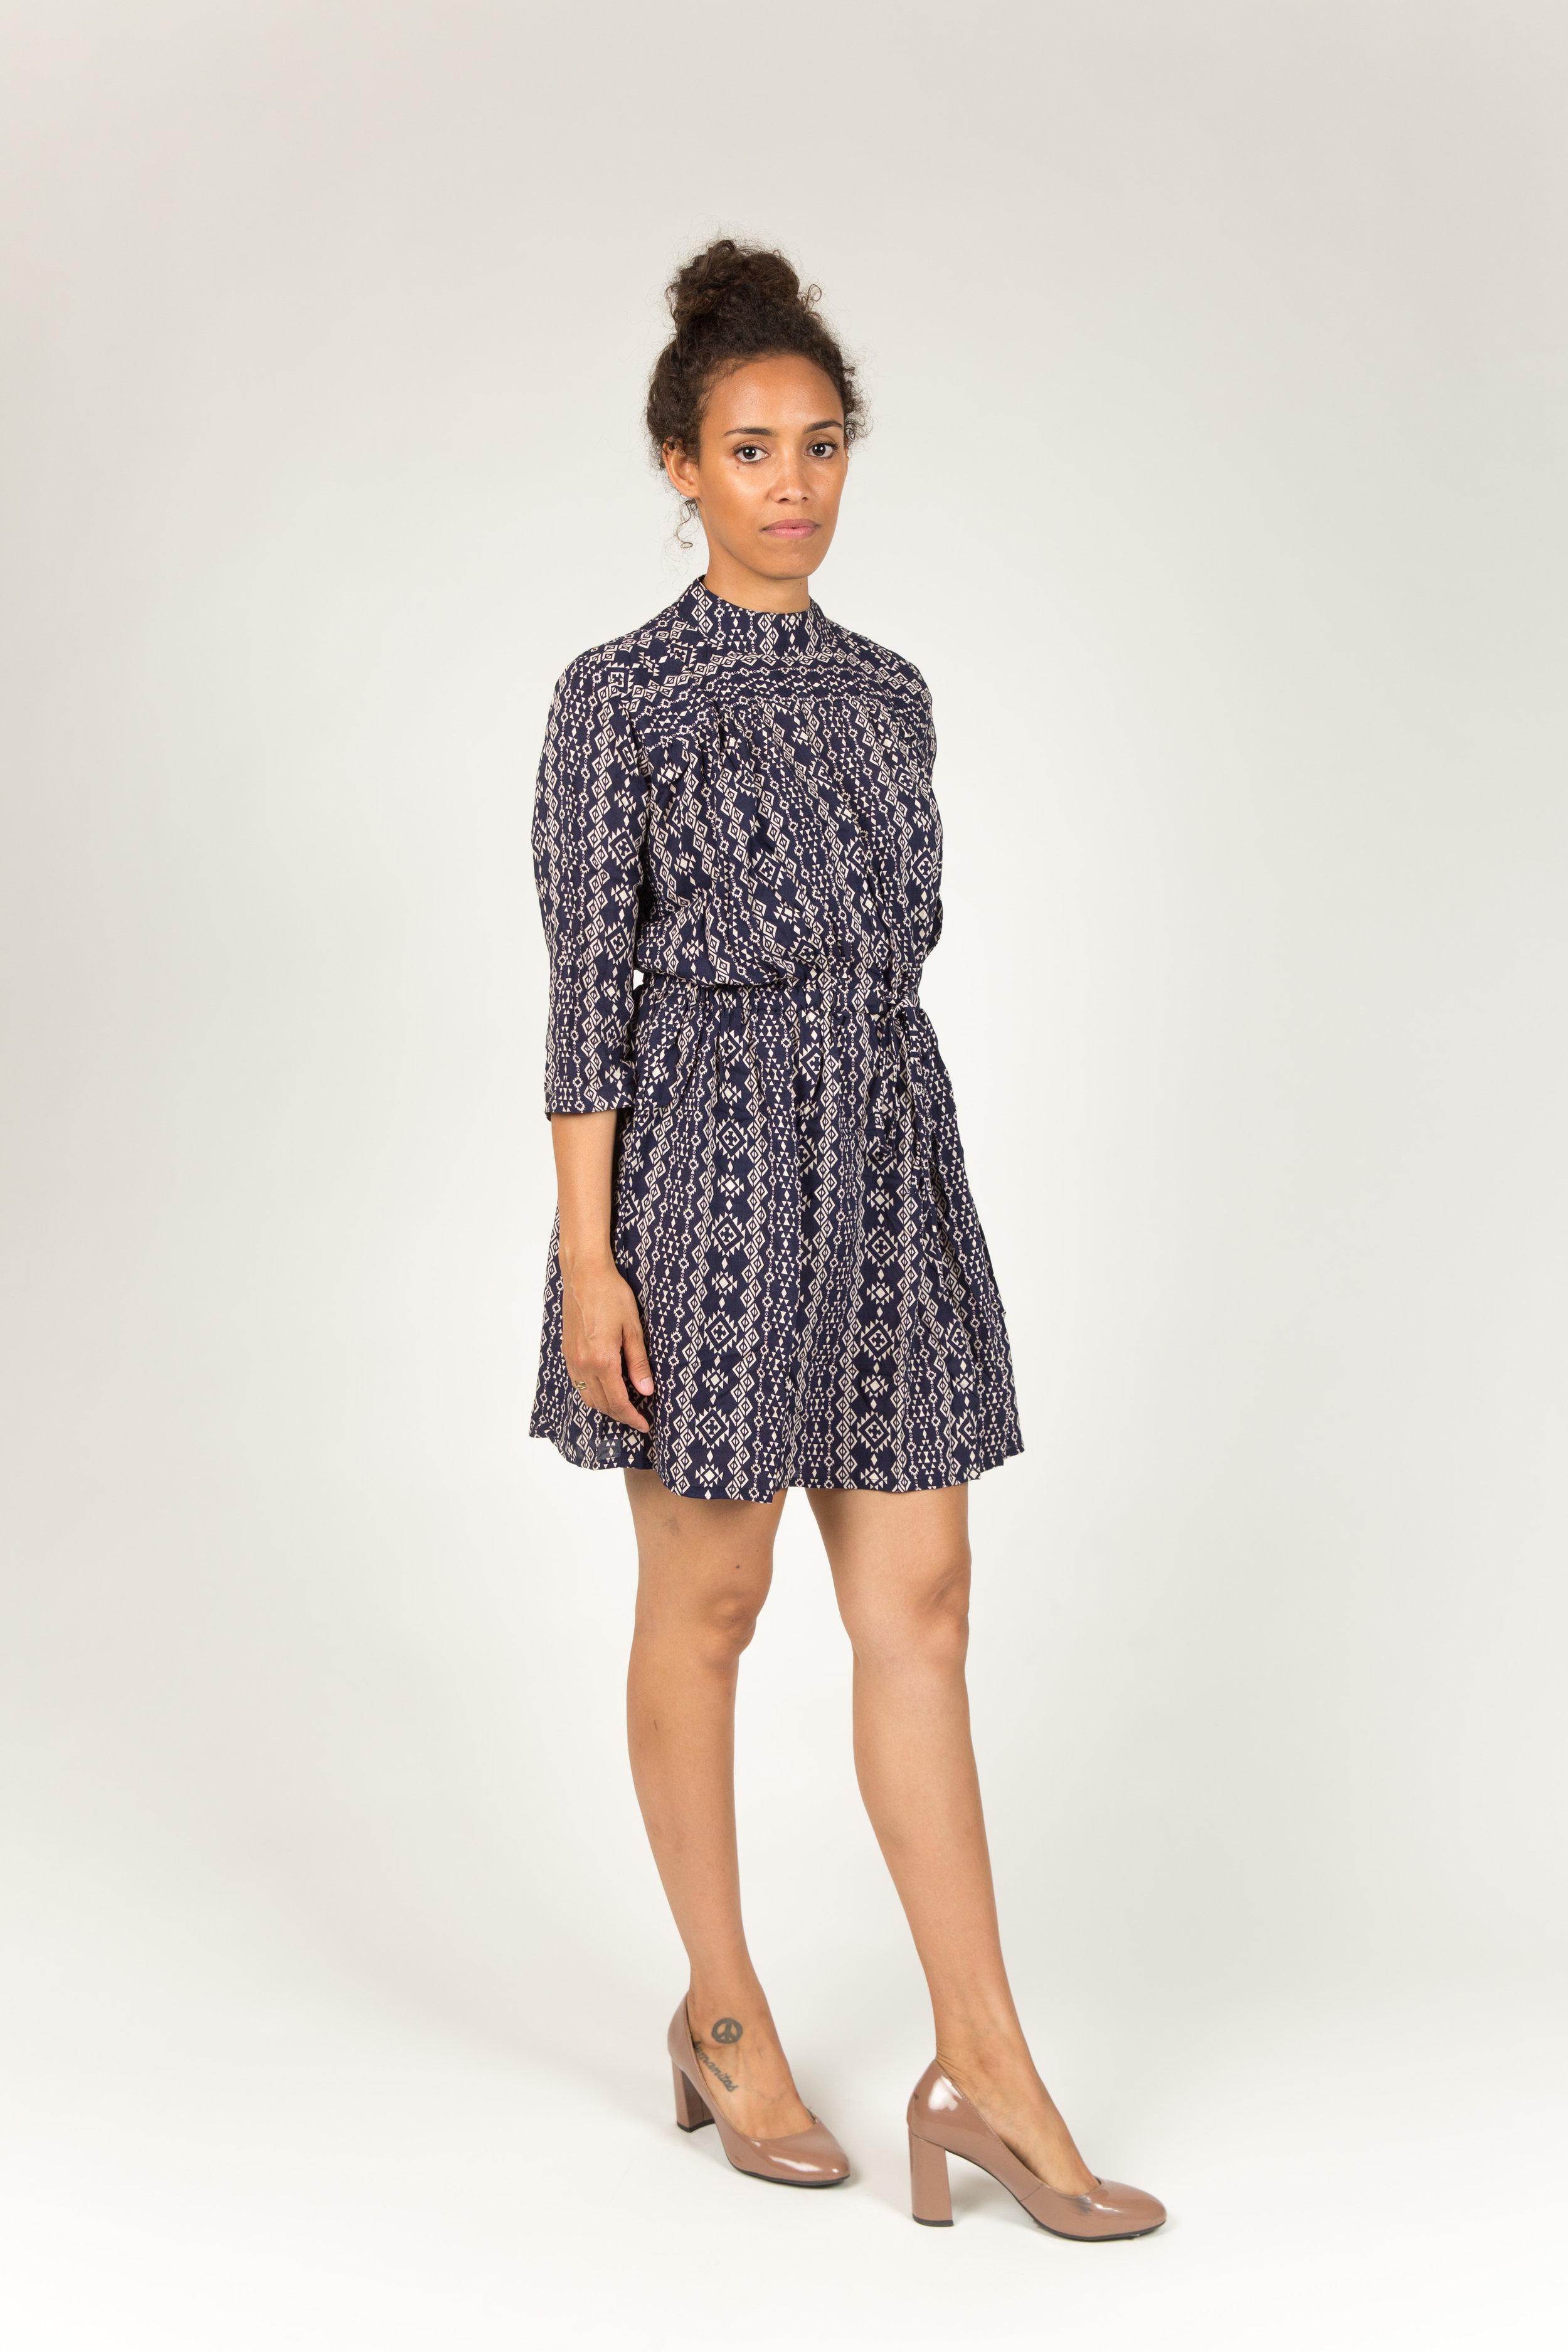 ALINE DARK BLUE DRESS100% COTTON -